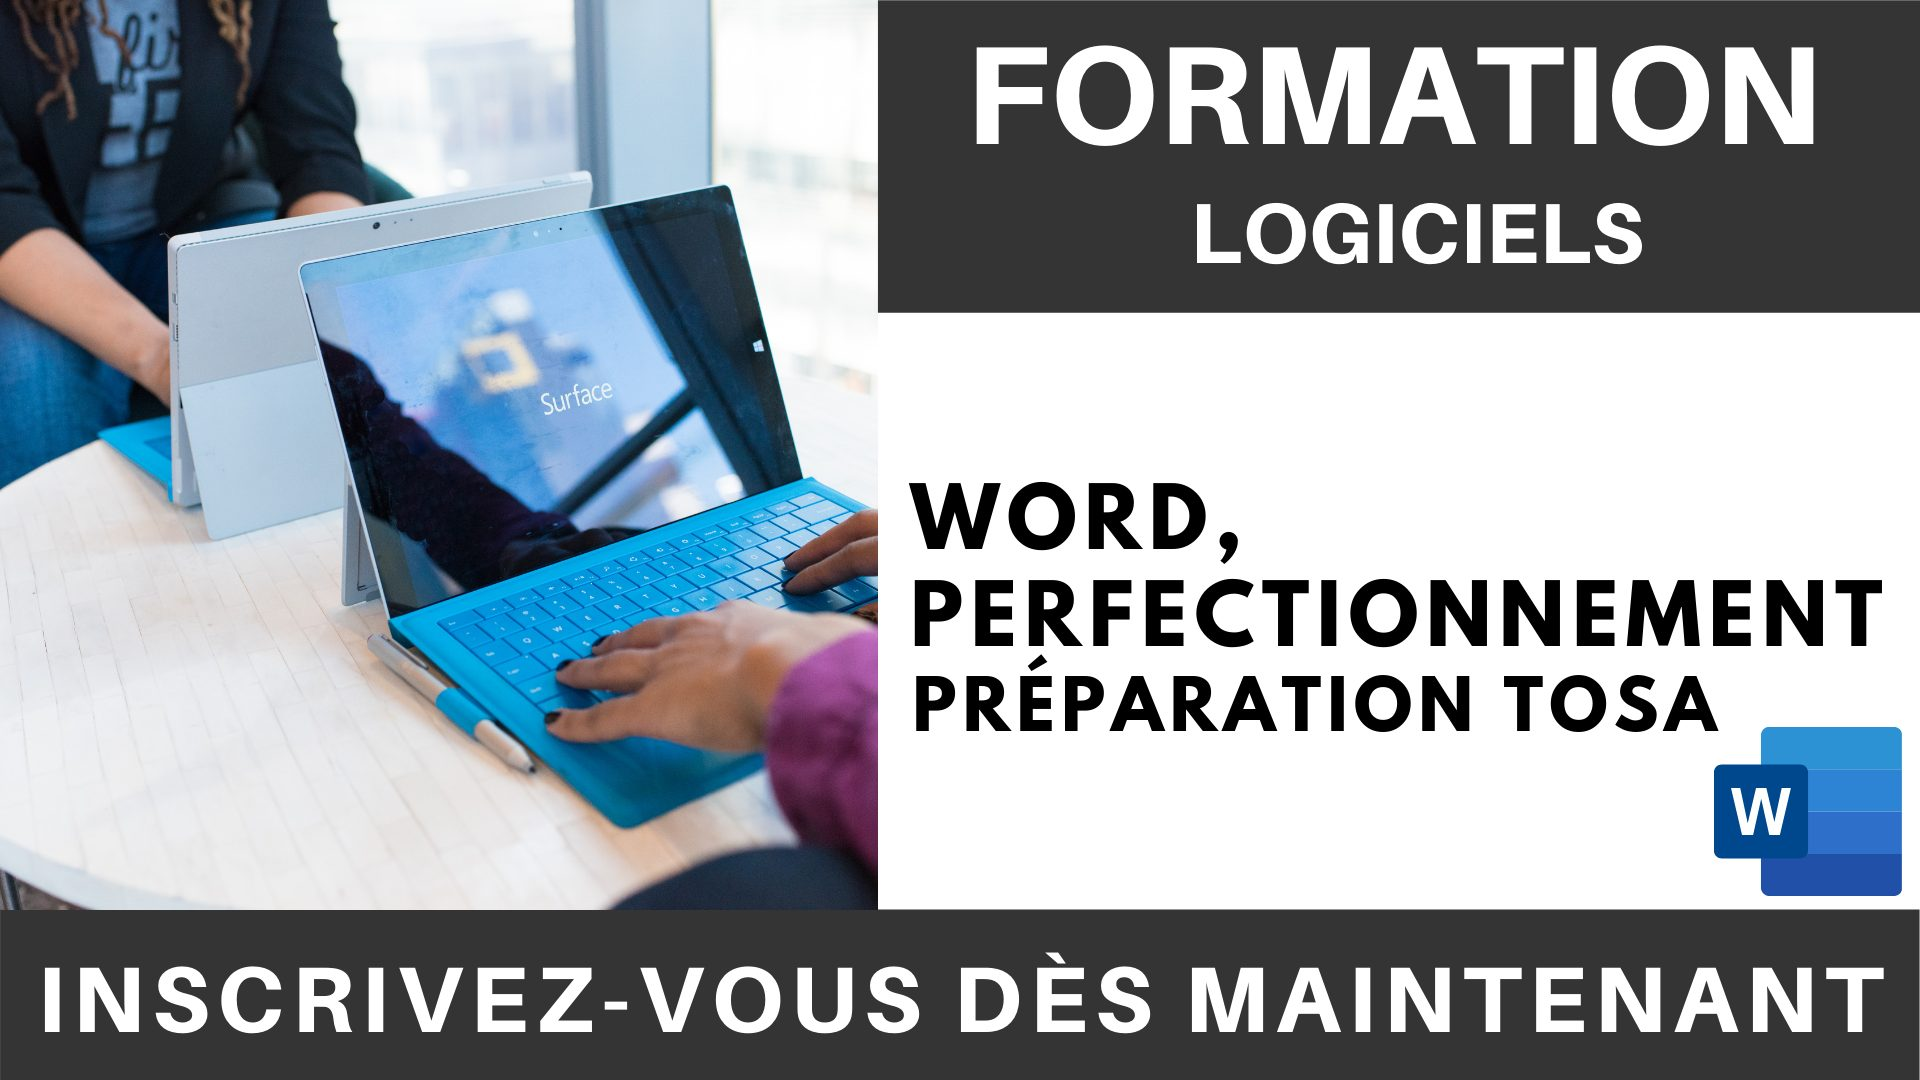 Formation LOGICIEL - Word, Perfectionnement - Préparation TOSA